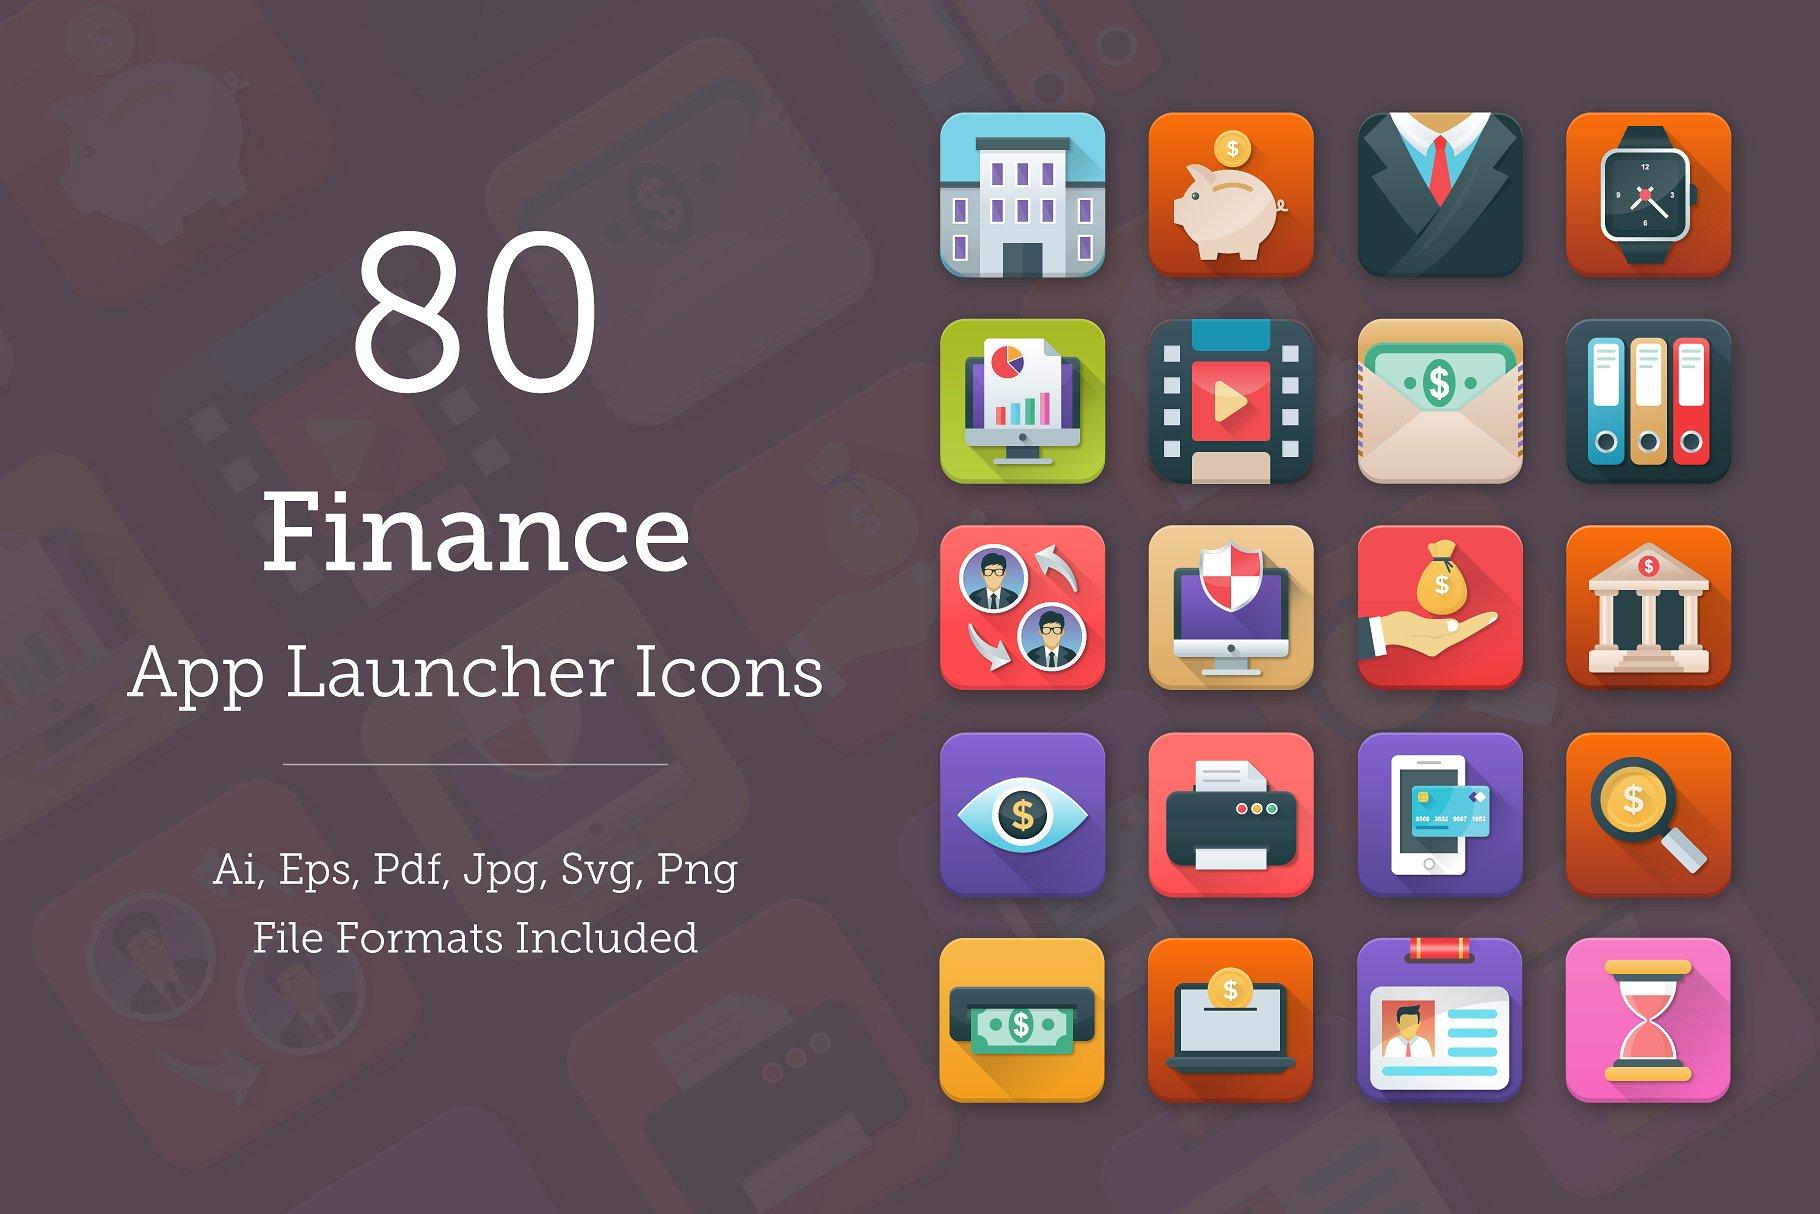 finance-6-1-1.jpg